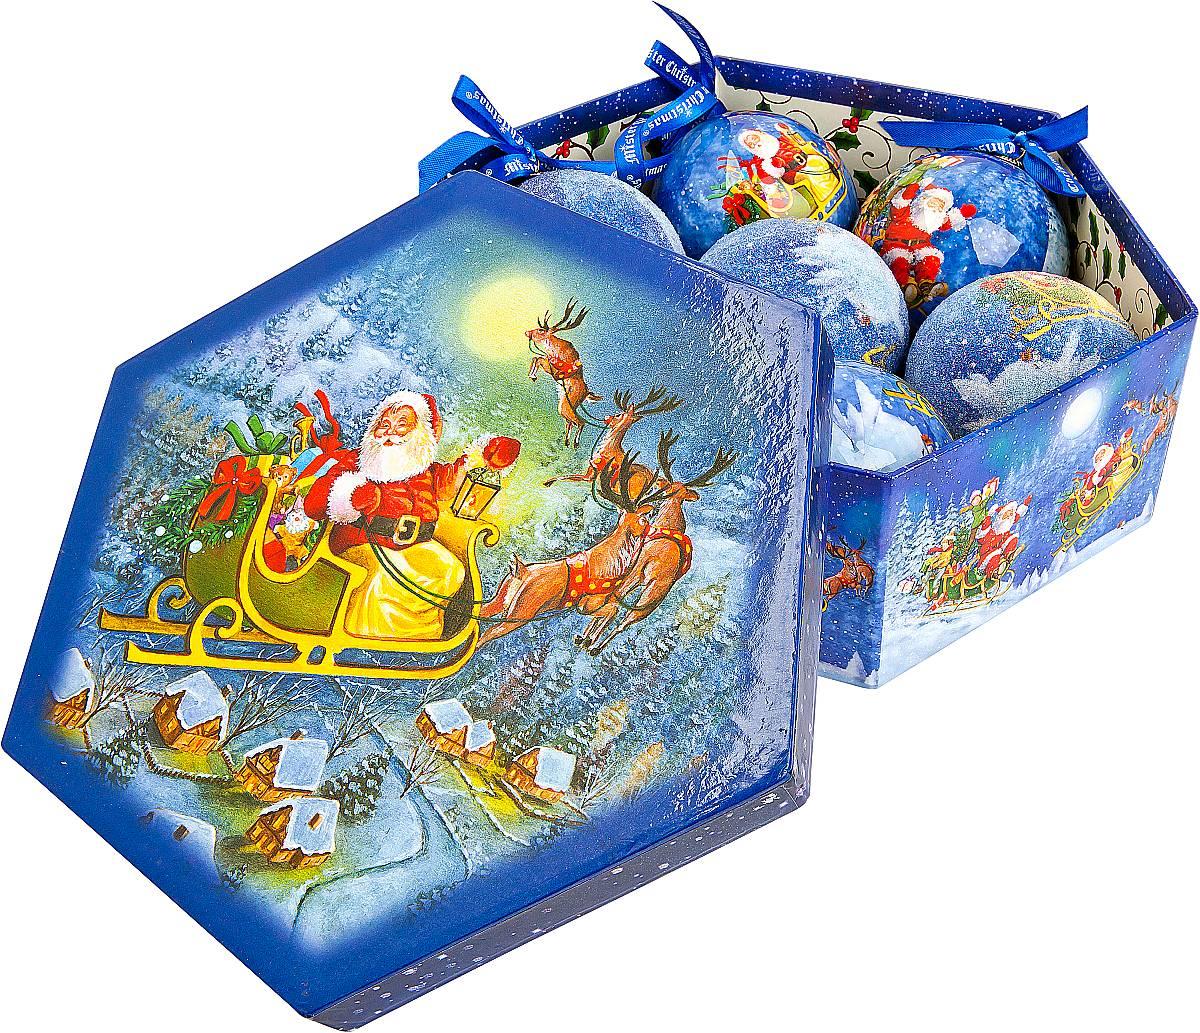 Набор новогодних подвесных украшений Mister Christmas Папье-маше, диаметр 7,5 см, 7 шт. PM-45-7PM-45-7Набор Mister Christmas Папье-маше состоит из 7 подвесных украшений ручной работы, изготовленные в технике папье-маше. Такие шары очень легкие, но в то же время удивительно прочные. На создание одной такой игрушки уходит несколько дней. И в результате получается настоящее произведение искусства! Все изделия оснащены атласной ленточкой с логотипом бренда Mister Christmas для подвешивания. Такие украшения станут превосходным подарком к Новому году, а так же дополнят коллекцию оригинальных новогодних елочных игрушек.